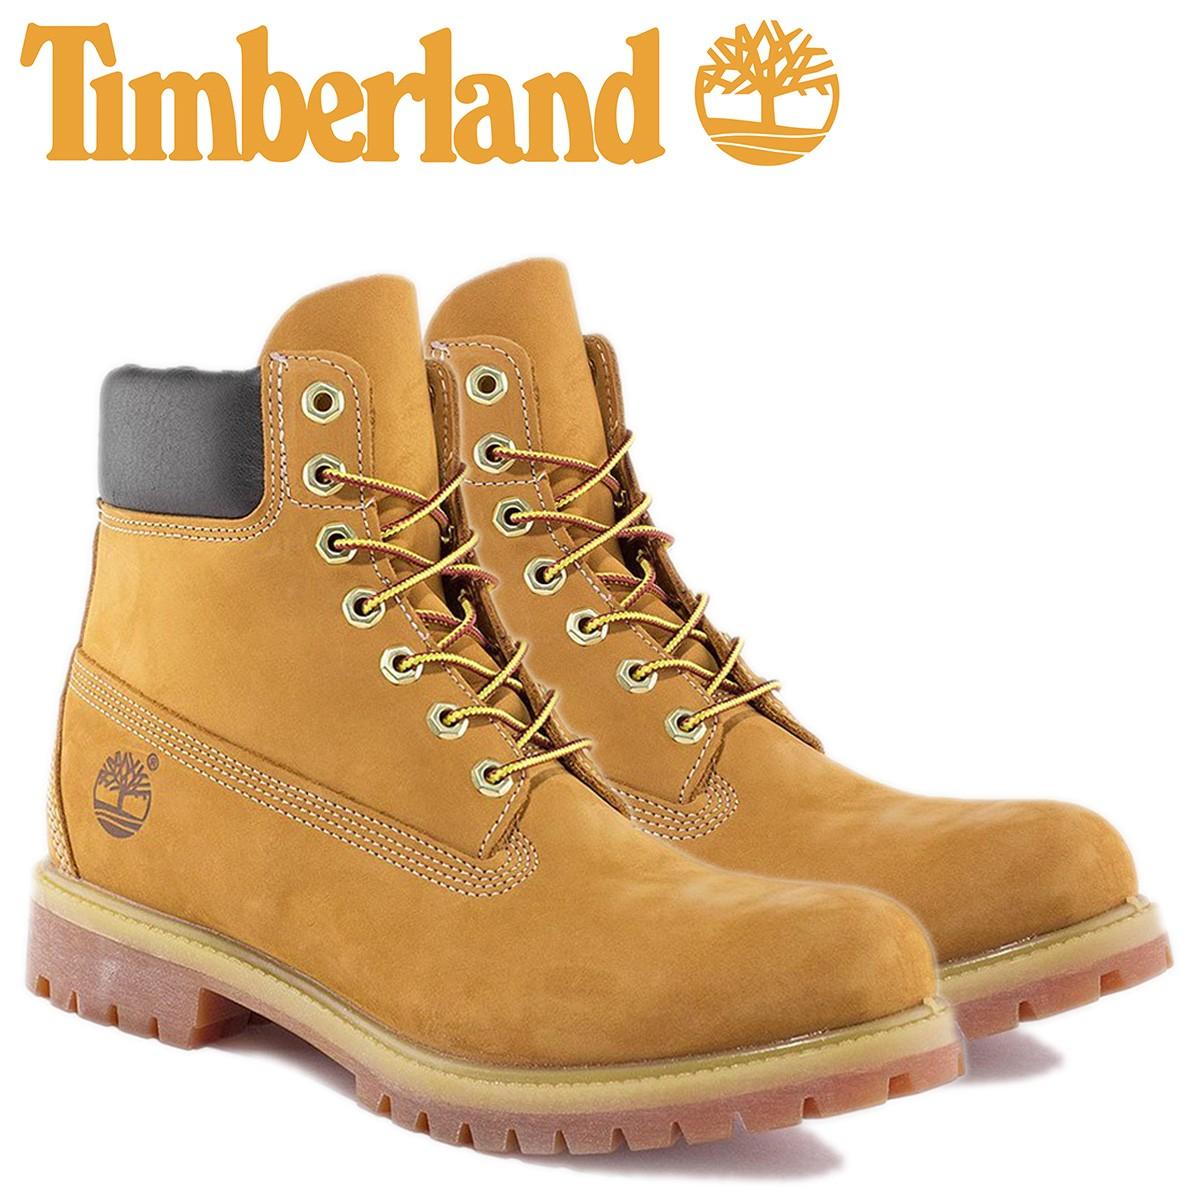 ティンバーランド ブーツ メンズ 6インチ Timberland 6INCH PREMIUM WATERPROOF BOOTS 10061 プレミアム ウォータープルーフ [12/7 追加入荷]